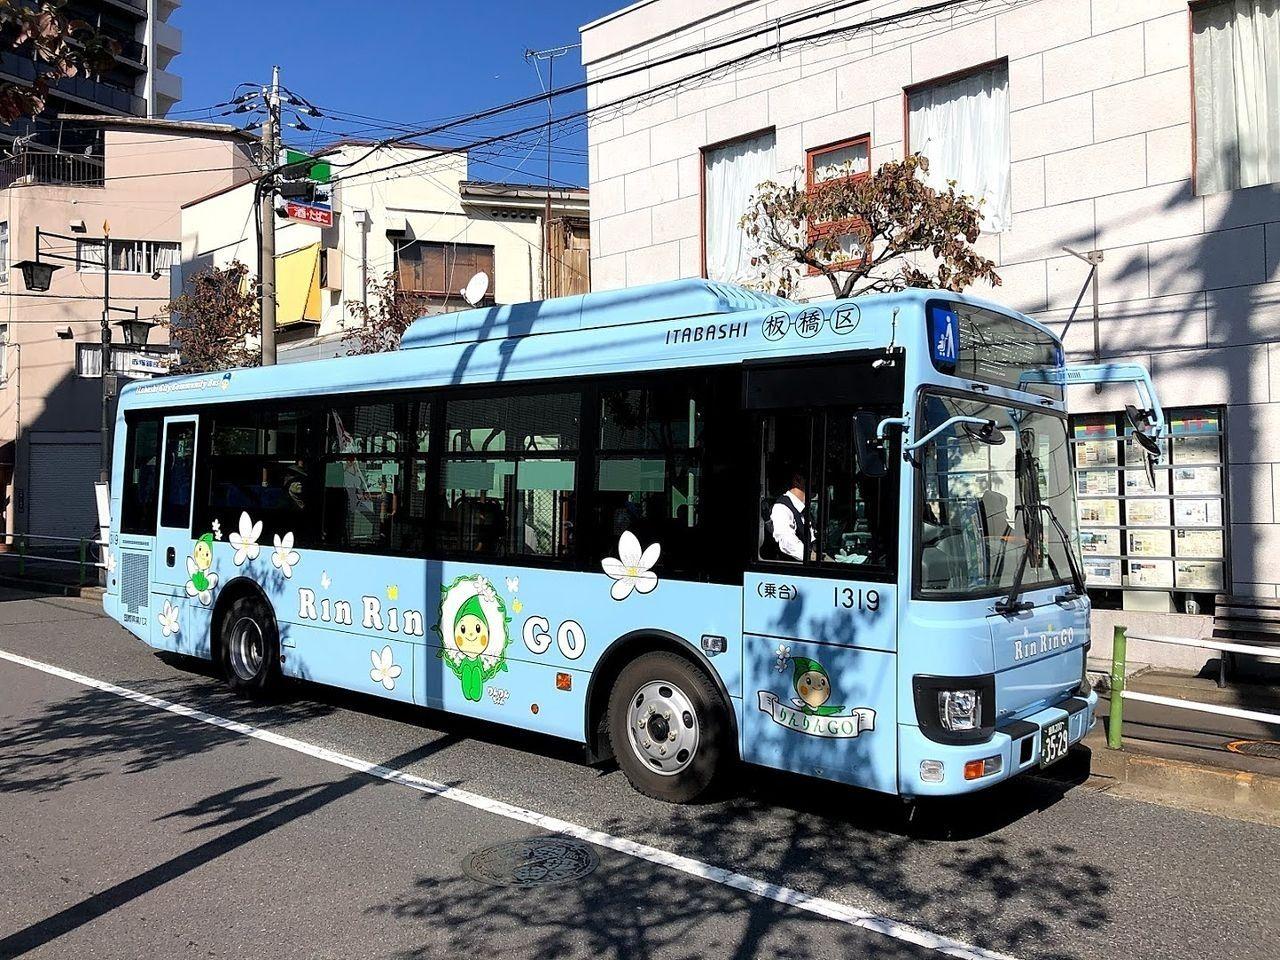 板橋区のコミュニティバス「りんりんGO」がリニューアル